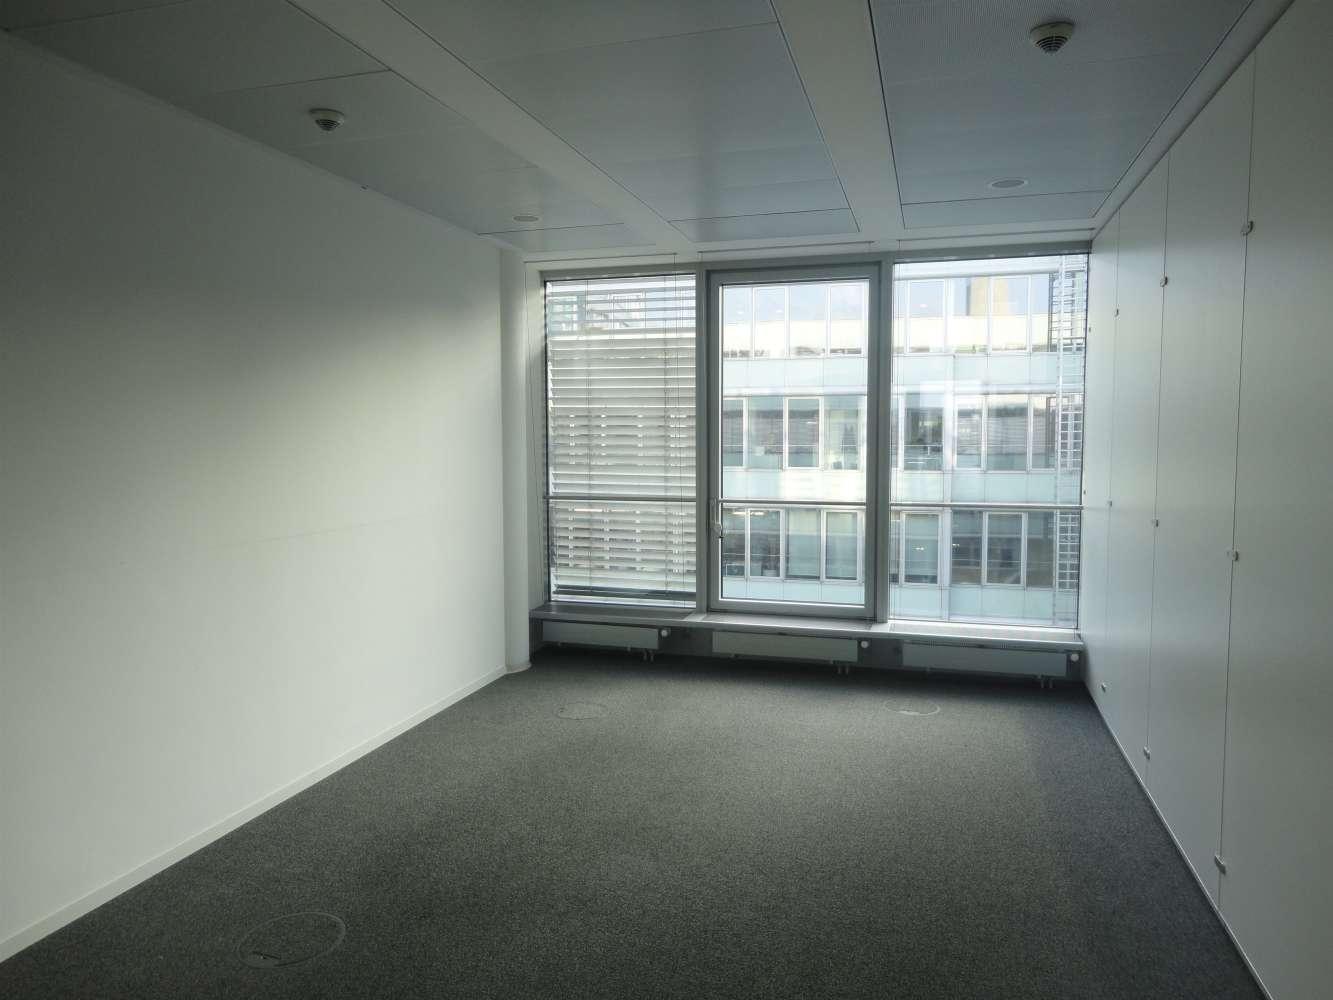 Büros Frankfurt am main, 60322 - Büro - Frankfurt am Main, Innenstadt - F0992 - 10046111